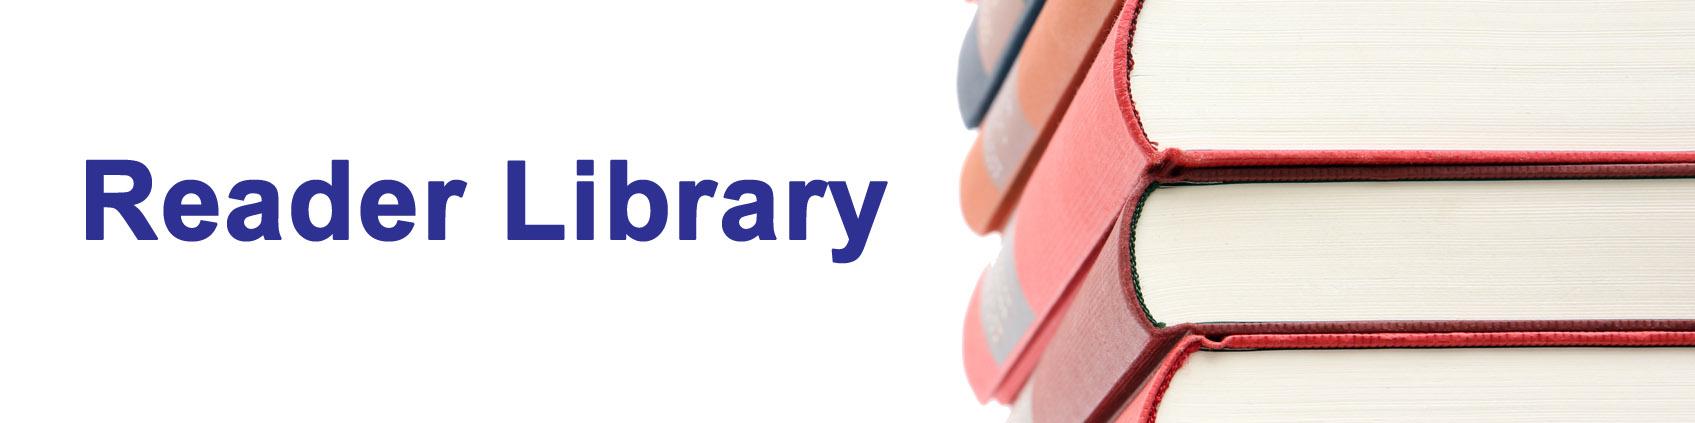 Reader Library